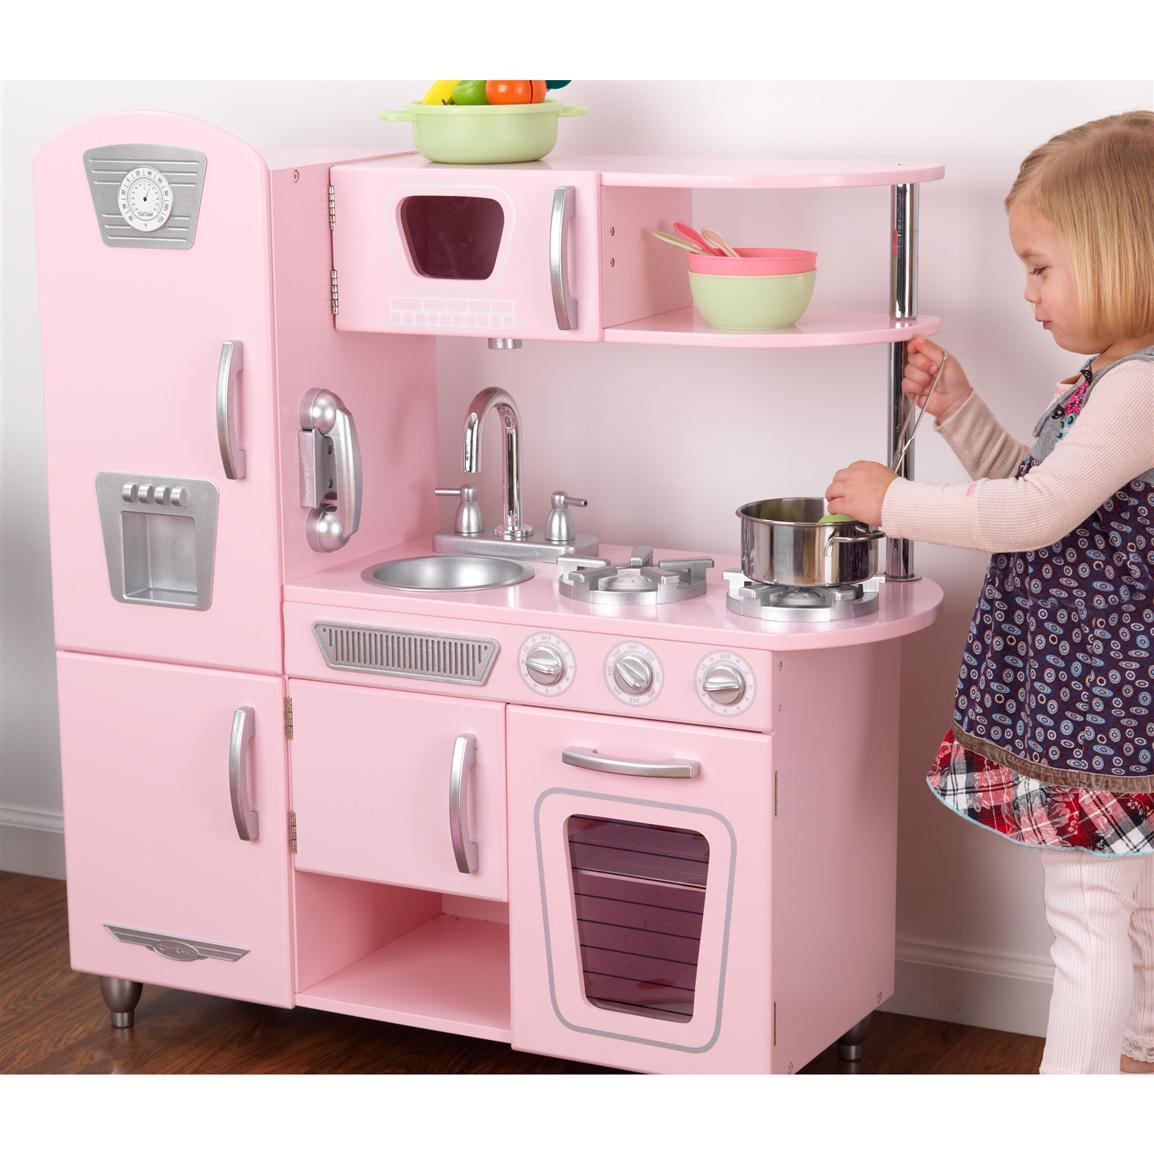 Kidkraft Vintage Kitchen In Pink Photo - 1